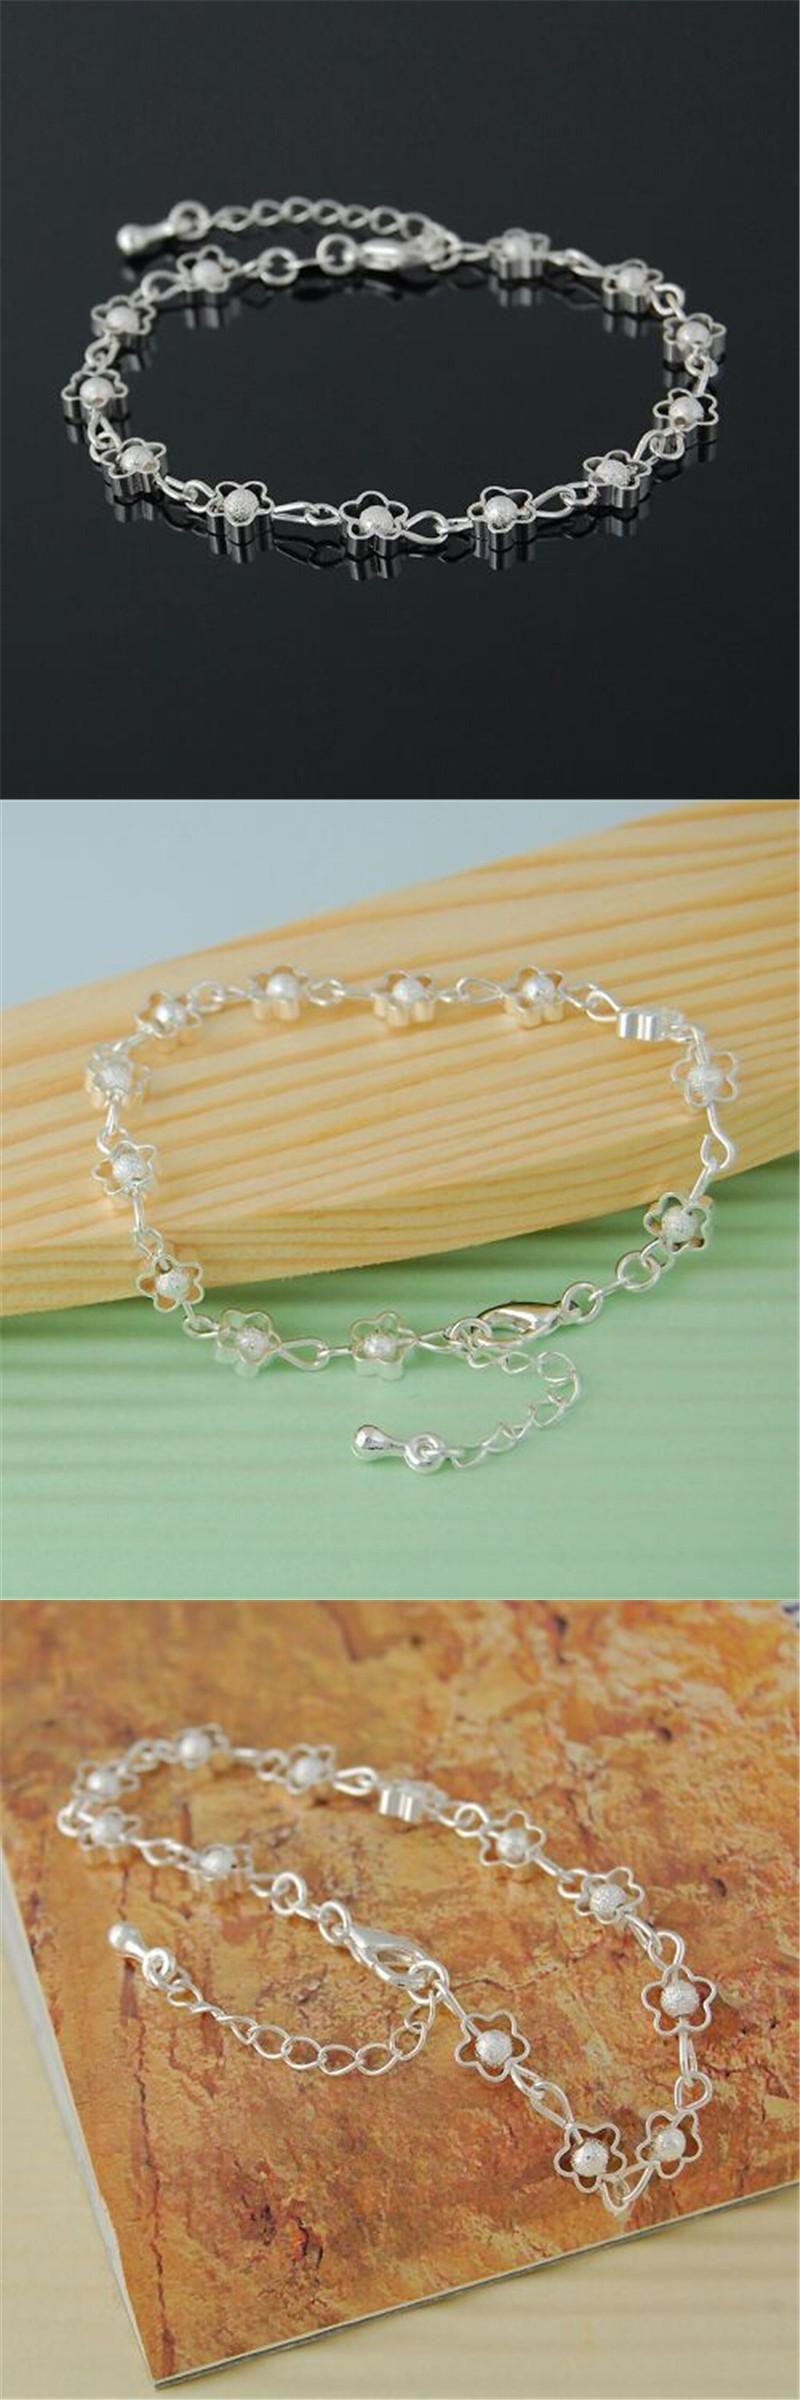 Visit to buy wholesale jewelry silver bracelet fashion bracelets